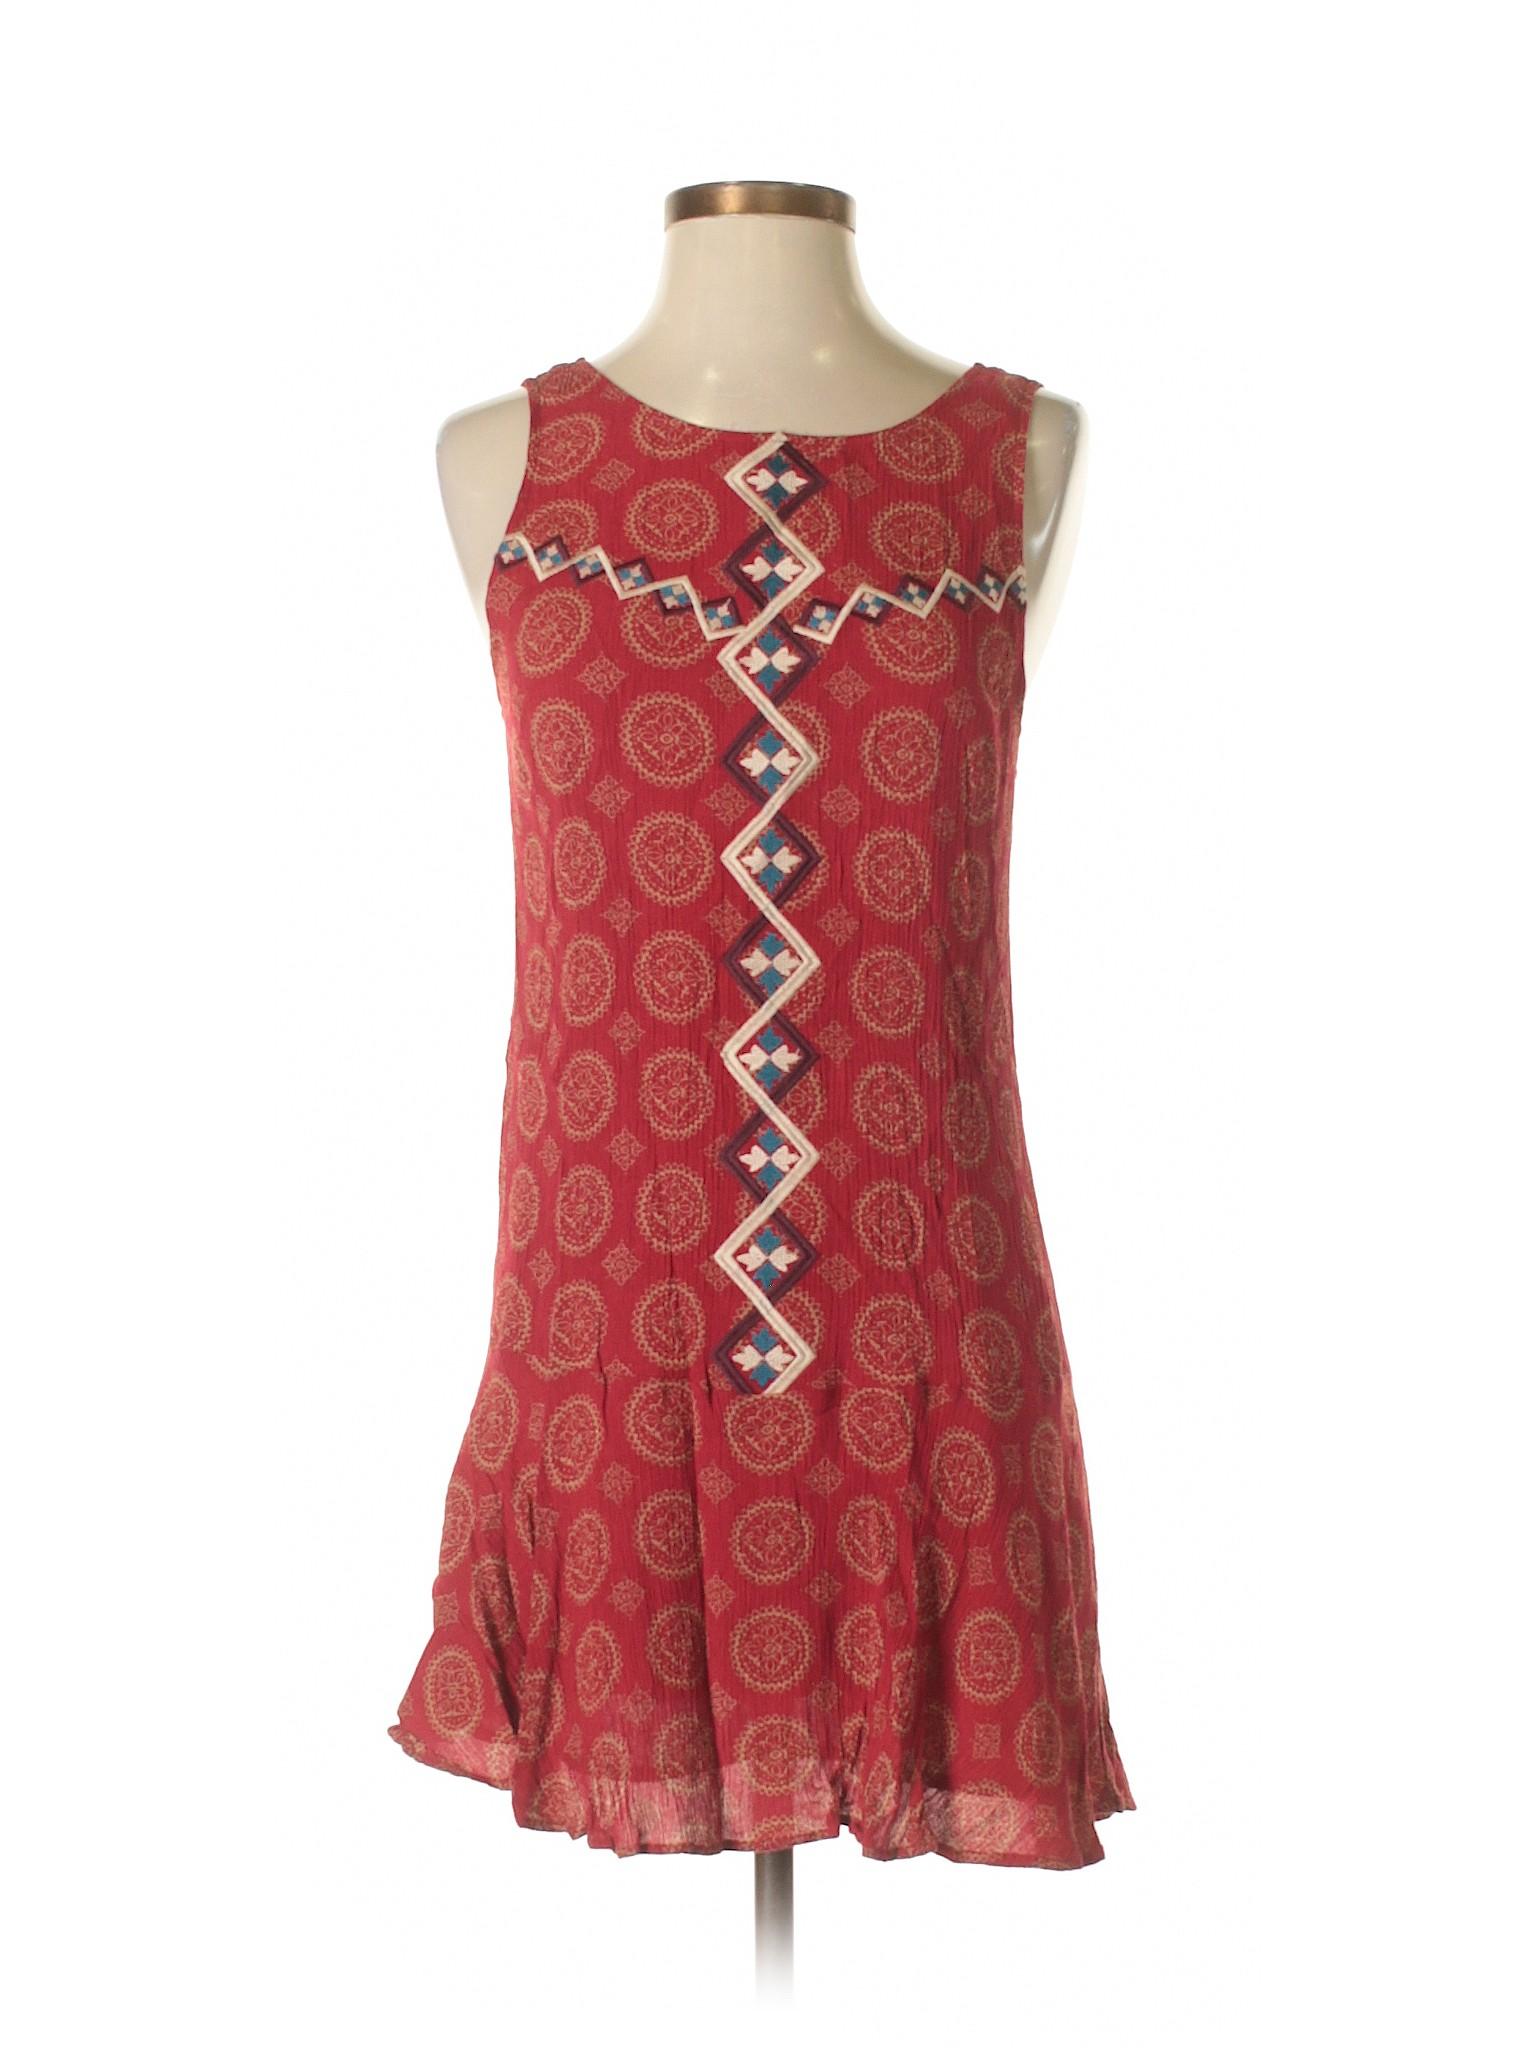 Boutique Boutique Casual winter Dress Boutique THML winter winter Casual THML Dress Tgw7gAqU